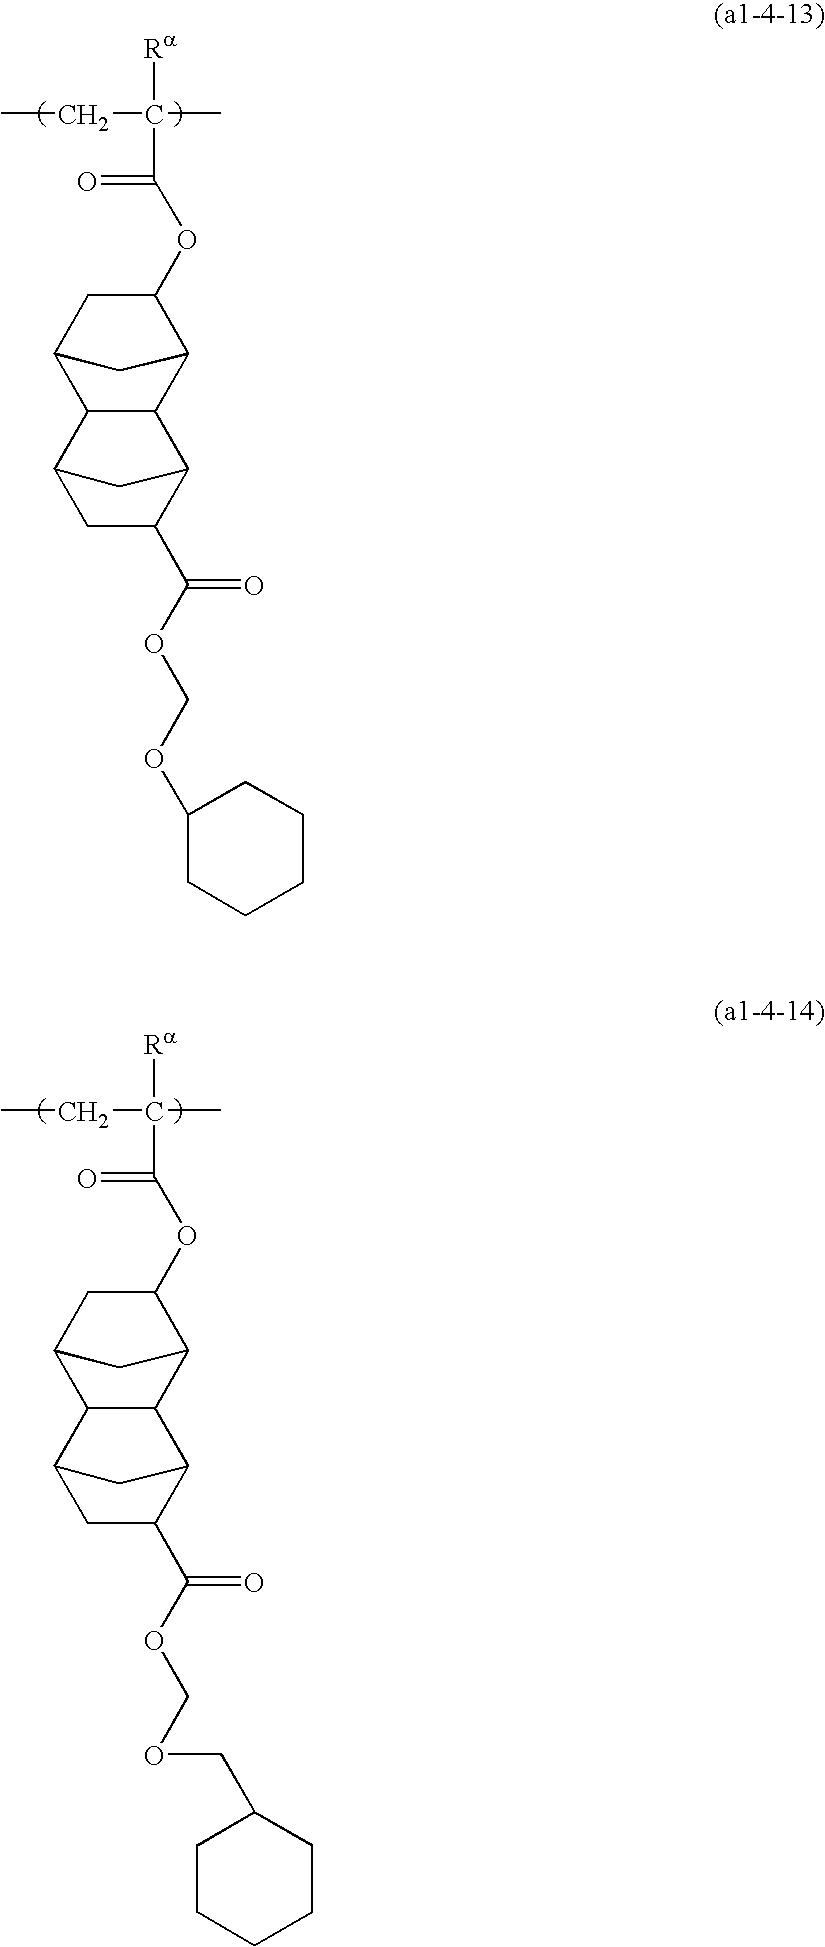 Figure US20100196821A1-20100805-C00047